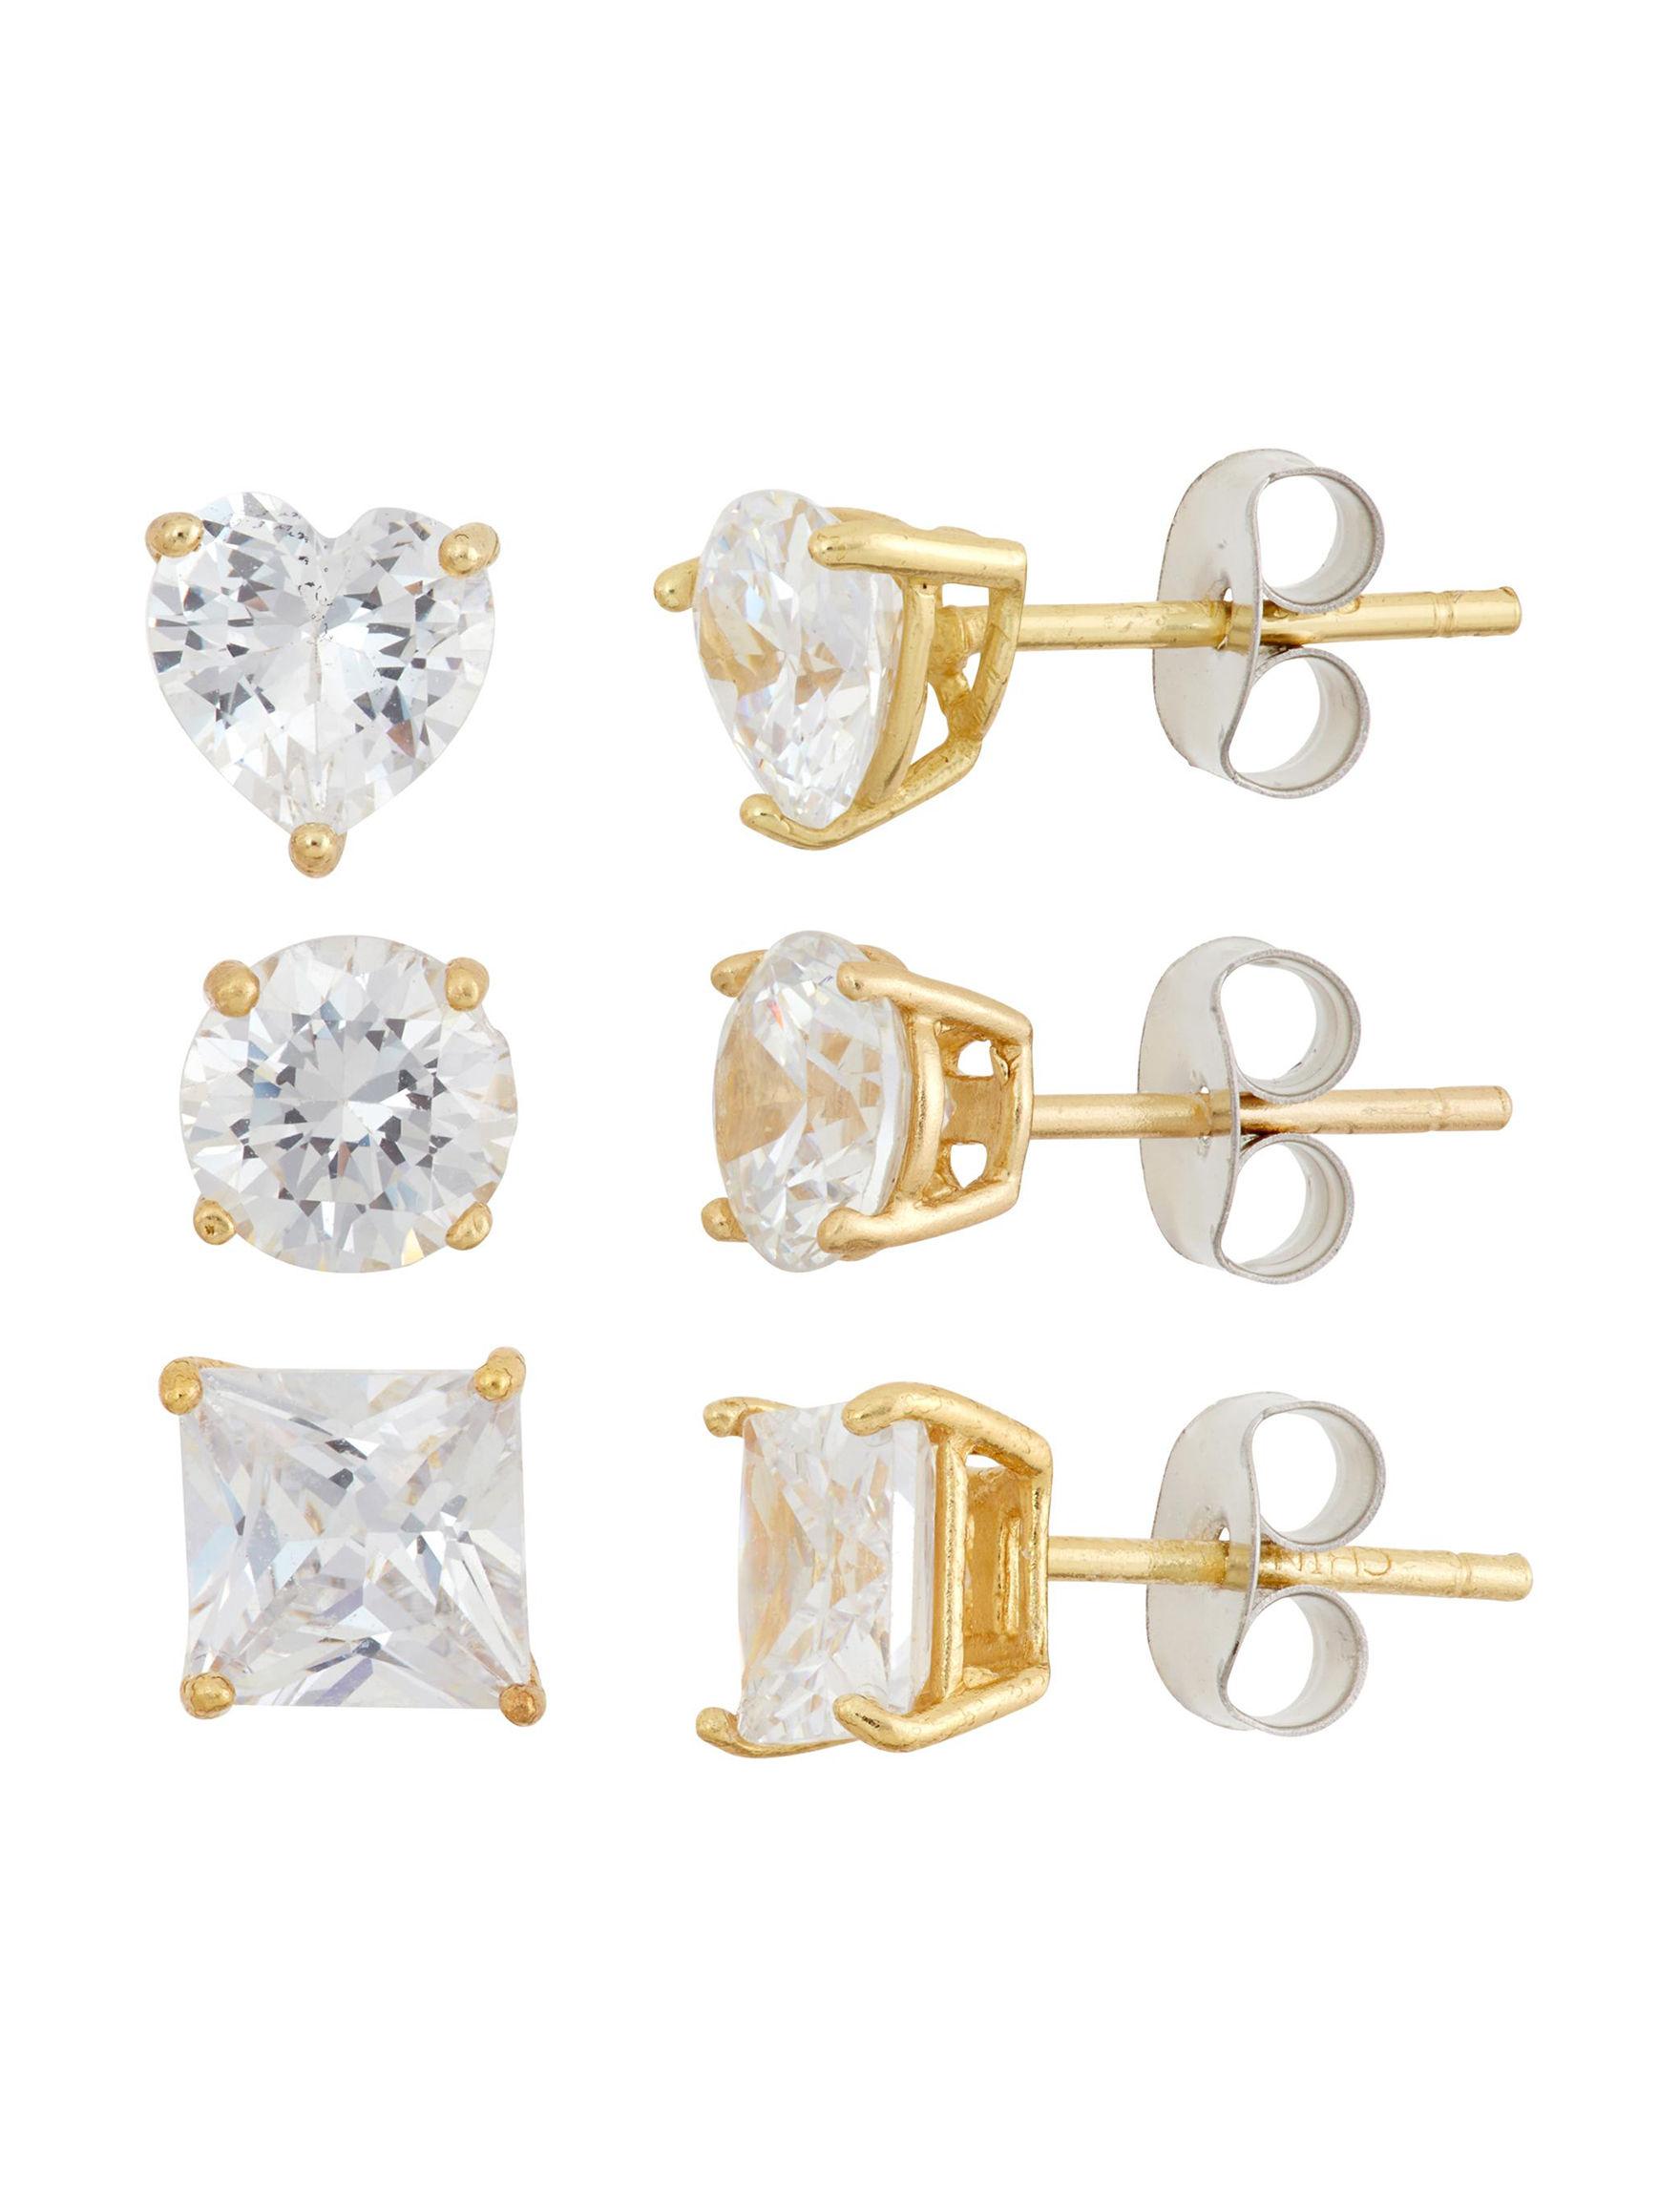 Designs By Helen Andrews Gold Studs Earrings Fine Jewelry